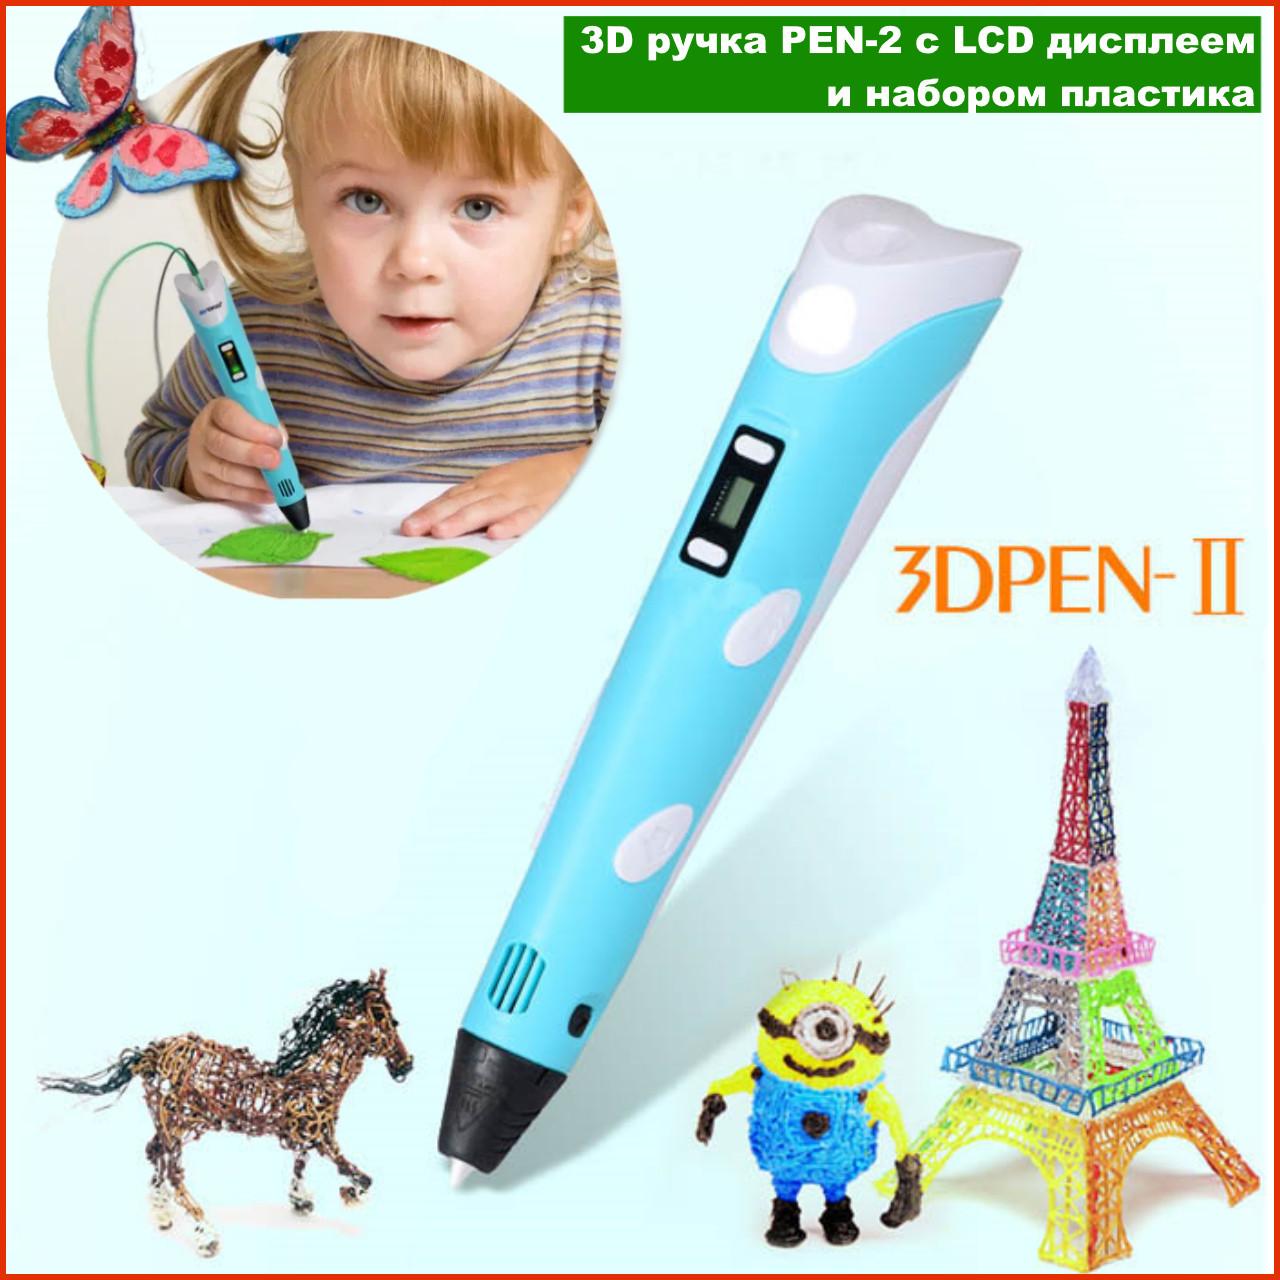 3D ручка для малювання пластиком 3д Ручка 2-го покоління Pen2 MyRiwell з LCD дисплеєм, з пластиком в комплекті